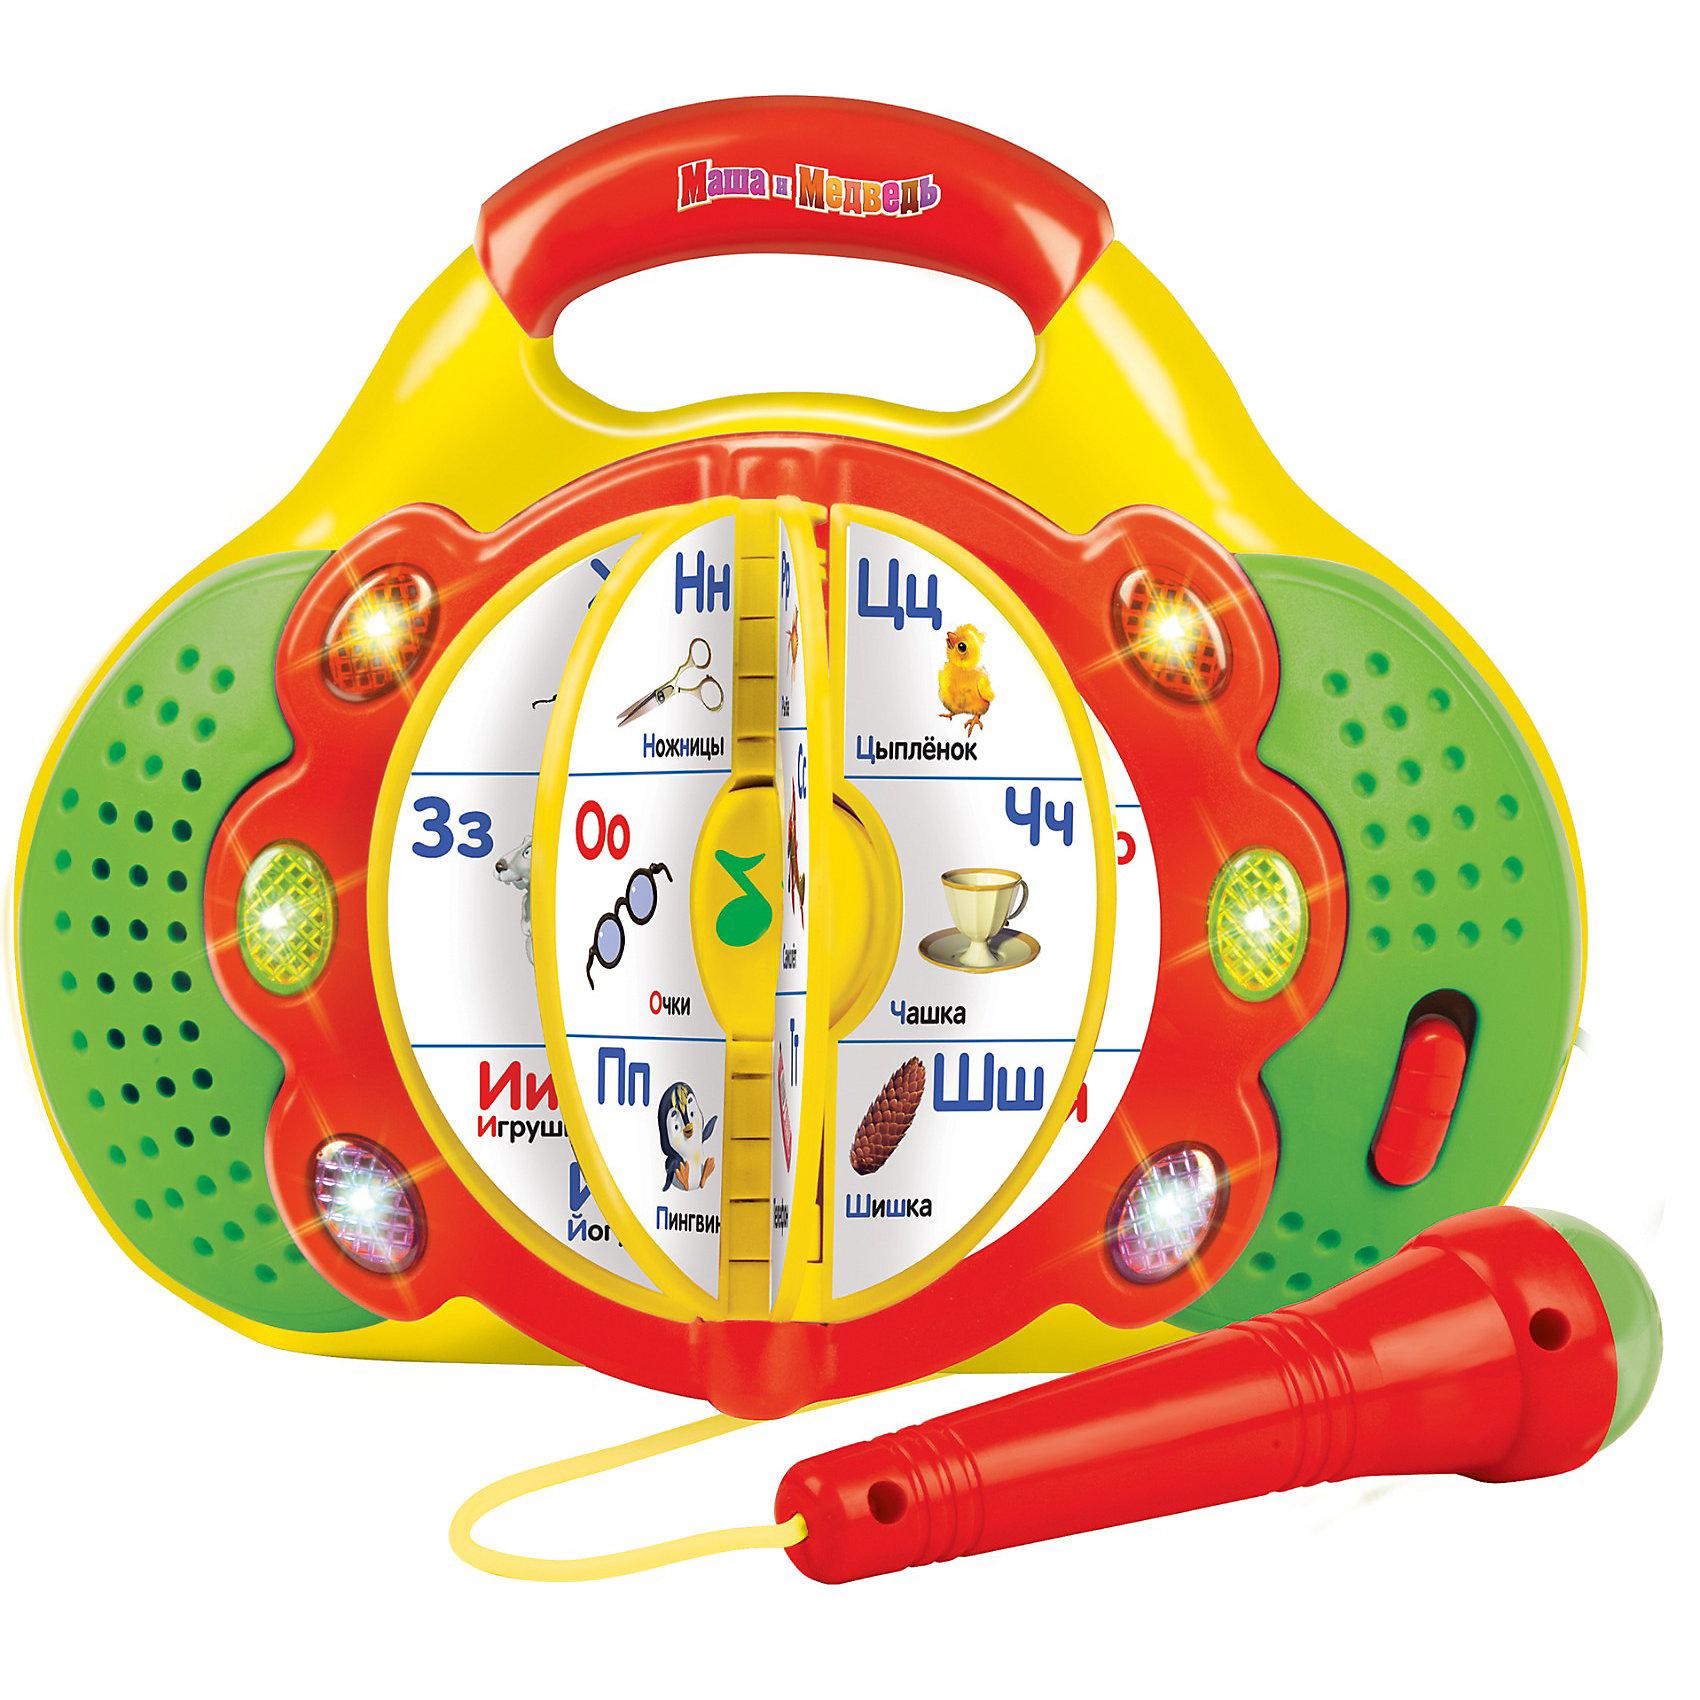 Азбука-караоке, с микрофоном, со светом, Маша и медведь, УмкаАзбука-караоке, Маша и медведь, Умка - оригинальная игрушка с книжкой, которая в веселой игровой форме поможет ребенку выучить алфавит. Игрушка имеет яркий красочный дизайн по мотивам популярного мультсериала Маша и Медведь. На страничках встроенной книжки яркие картинки с изображениями букв и соответствующих им слов. <br><br>6 обучающих функций позволяют выучить буквы алфавита, услышать различные слова на каждую букву алфавита, прослушать 33 стихотворения и  7 песен из мультфильма. А используя съемный караоке-микрофон можно весело подпевать любимым песенкам. Игра сопровождается световыми эффектами, имеется удобная ручка для переноски. Игрушка способствует развитию речи, памяти, логического мышления, звуко- и цветовосприятия.<br><br>Дополнительная информация:<br><br>- Материал: пластик, элементы металла, картон.<br>- Требуются батарейки: 2 х АА (входят в комплект).<br>- Объем книжки: 6 стр.<br>- Размер упаковки: 10 х 26 х 21 см. <br><br>Азбуку-караоке, Маша и медведь, Умка можно купить в нашем интернет-магазине.<br><br>Ширина мм: 9999<br>Глубина мм: 9999<br>Высота мм: 9999<br>Вес г: 9999<br>Возраст от месяцев: 36<br>Возраст до месяцев: 72<br>Пол: Унисекс<br>Возраст: Детский<br>SKU: 3750399